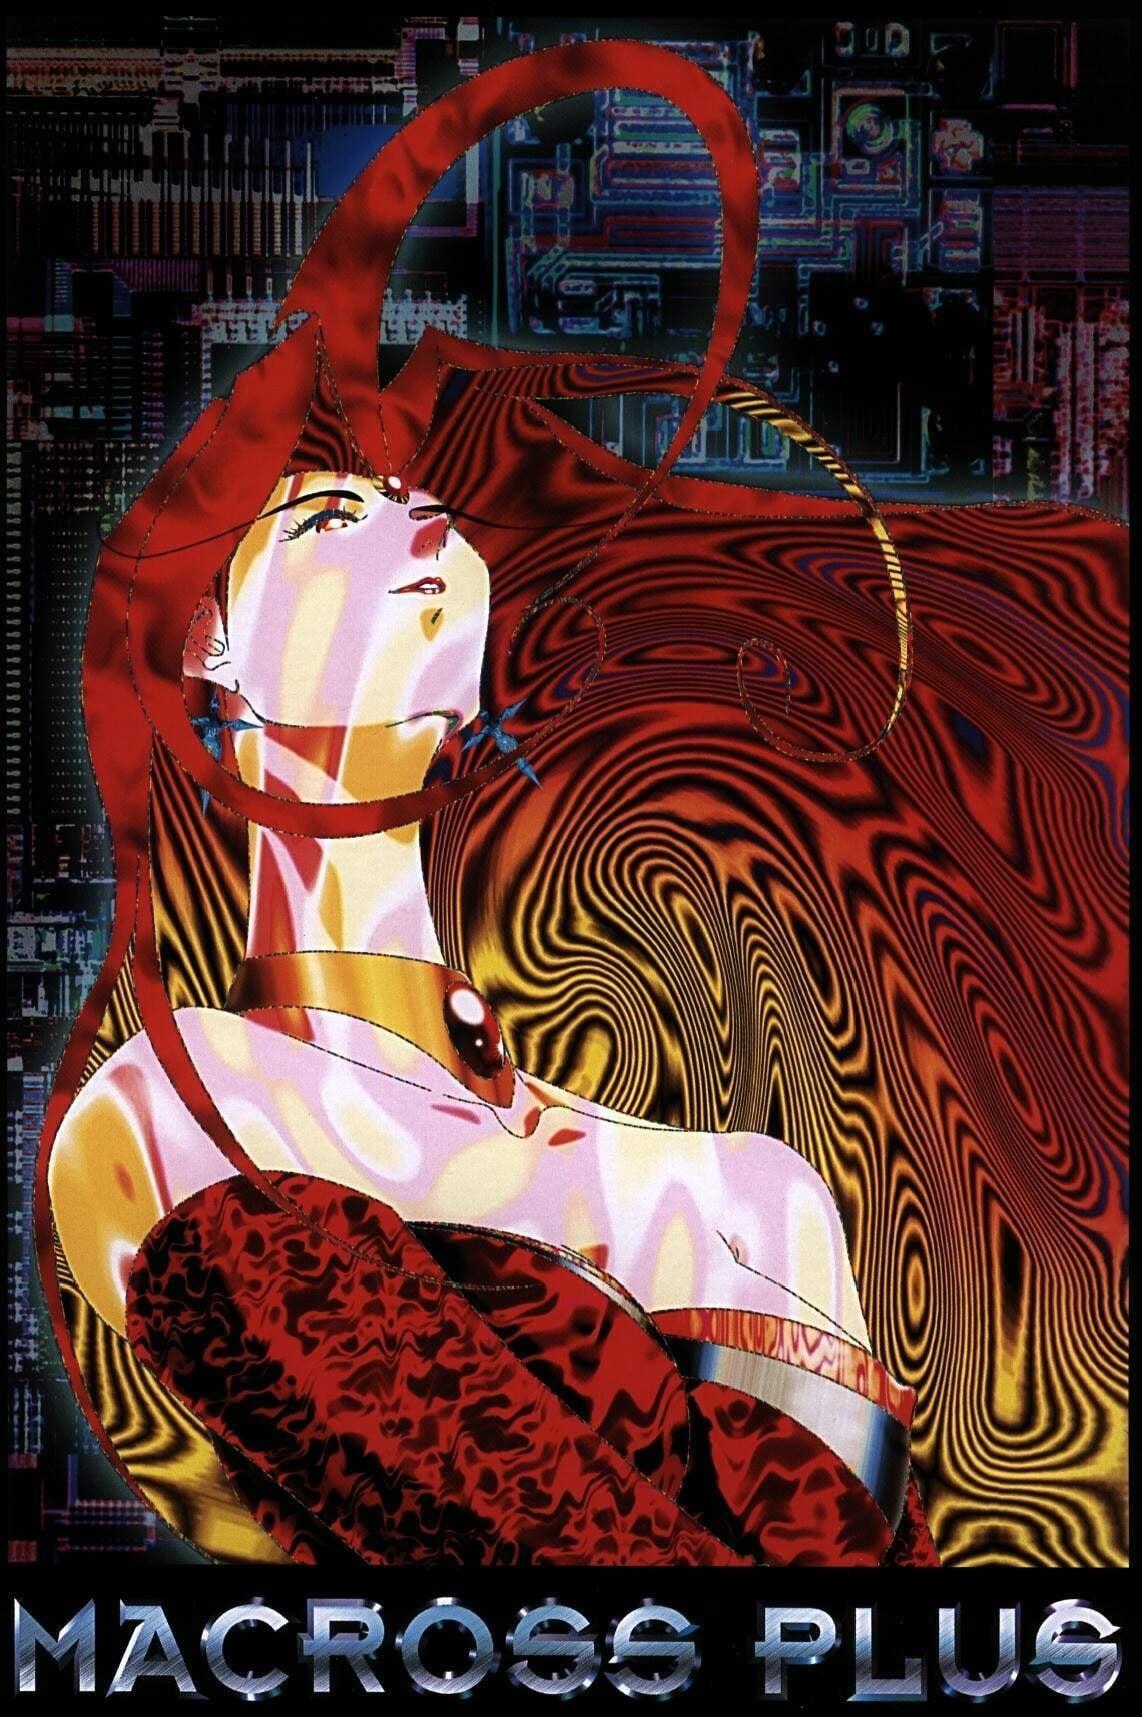 Macross Plus: Movie Edition (1995) - Posters — The Movie ...